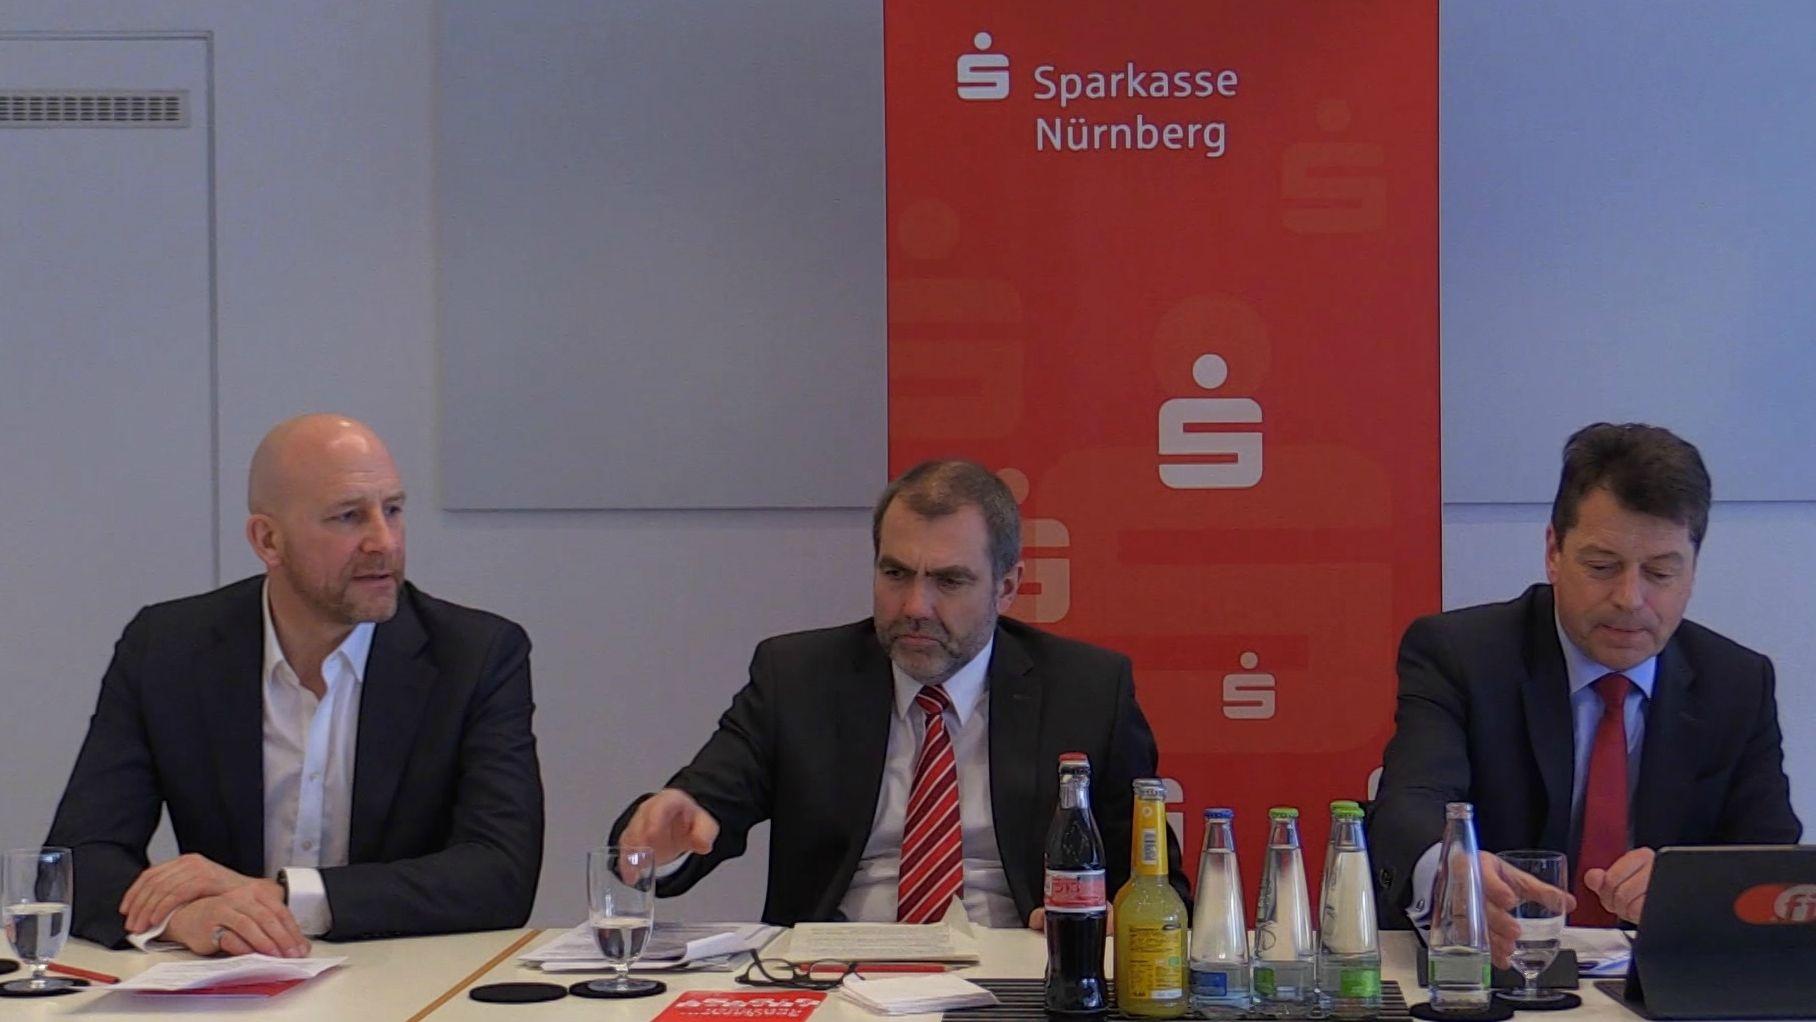 Drei Männer sitzen bei einer Pressekonferenz an Tischen, dahinter ein rotes Sparkassen-Transparent